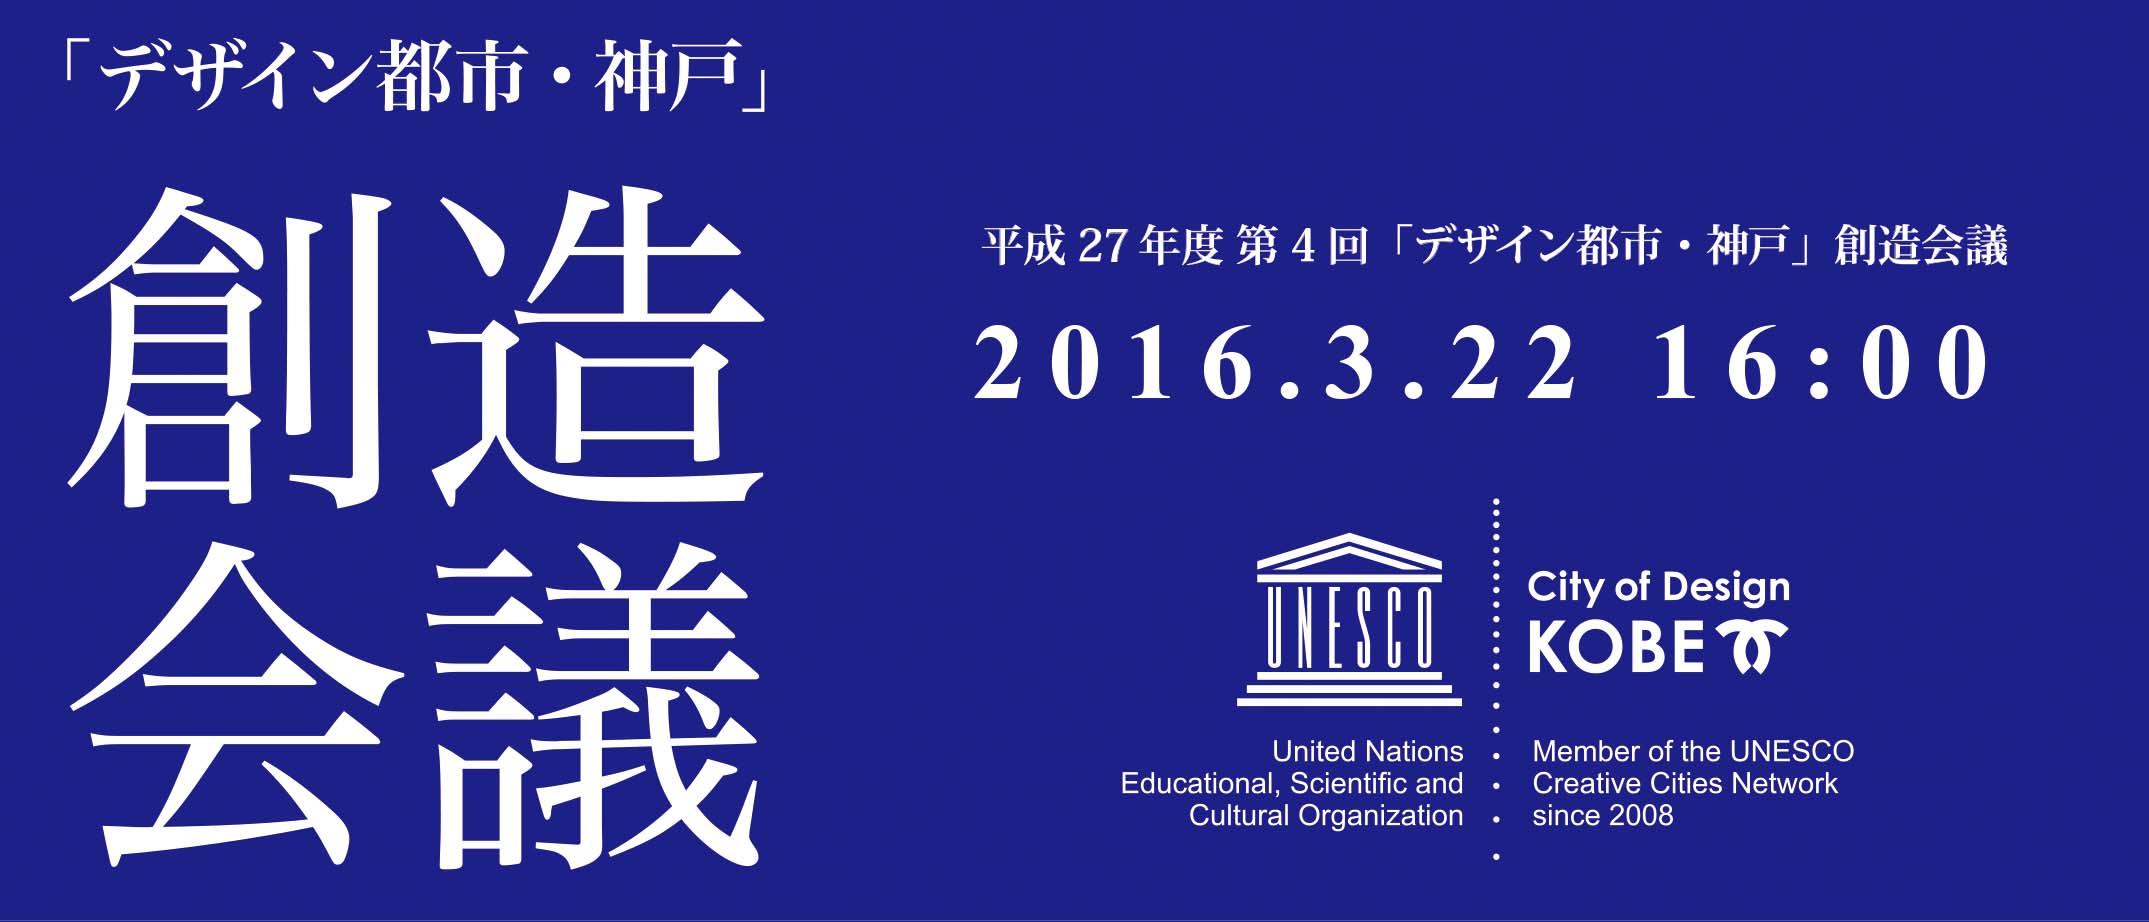 平成27年度 第4回「デザイン都市・神戸」創造会議